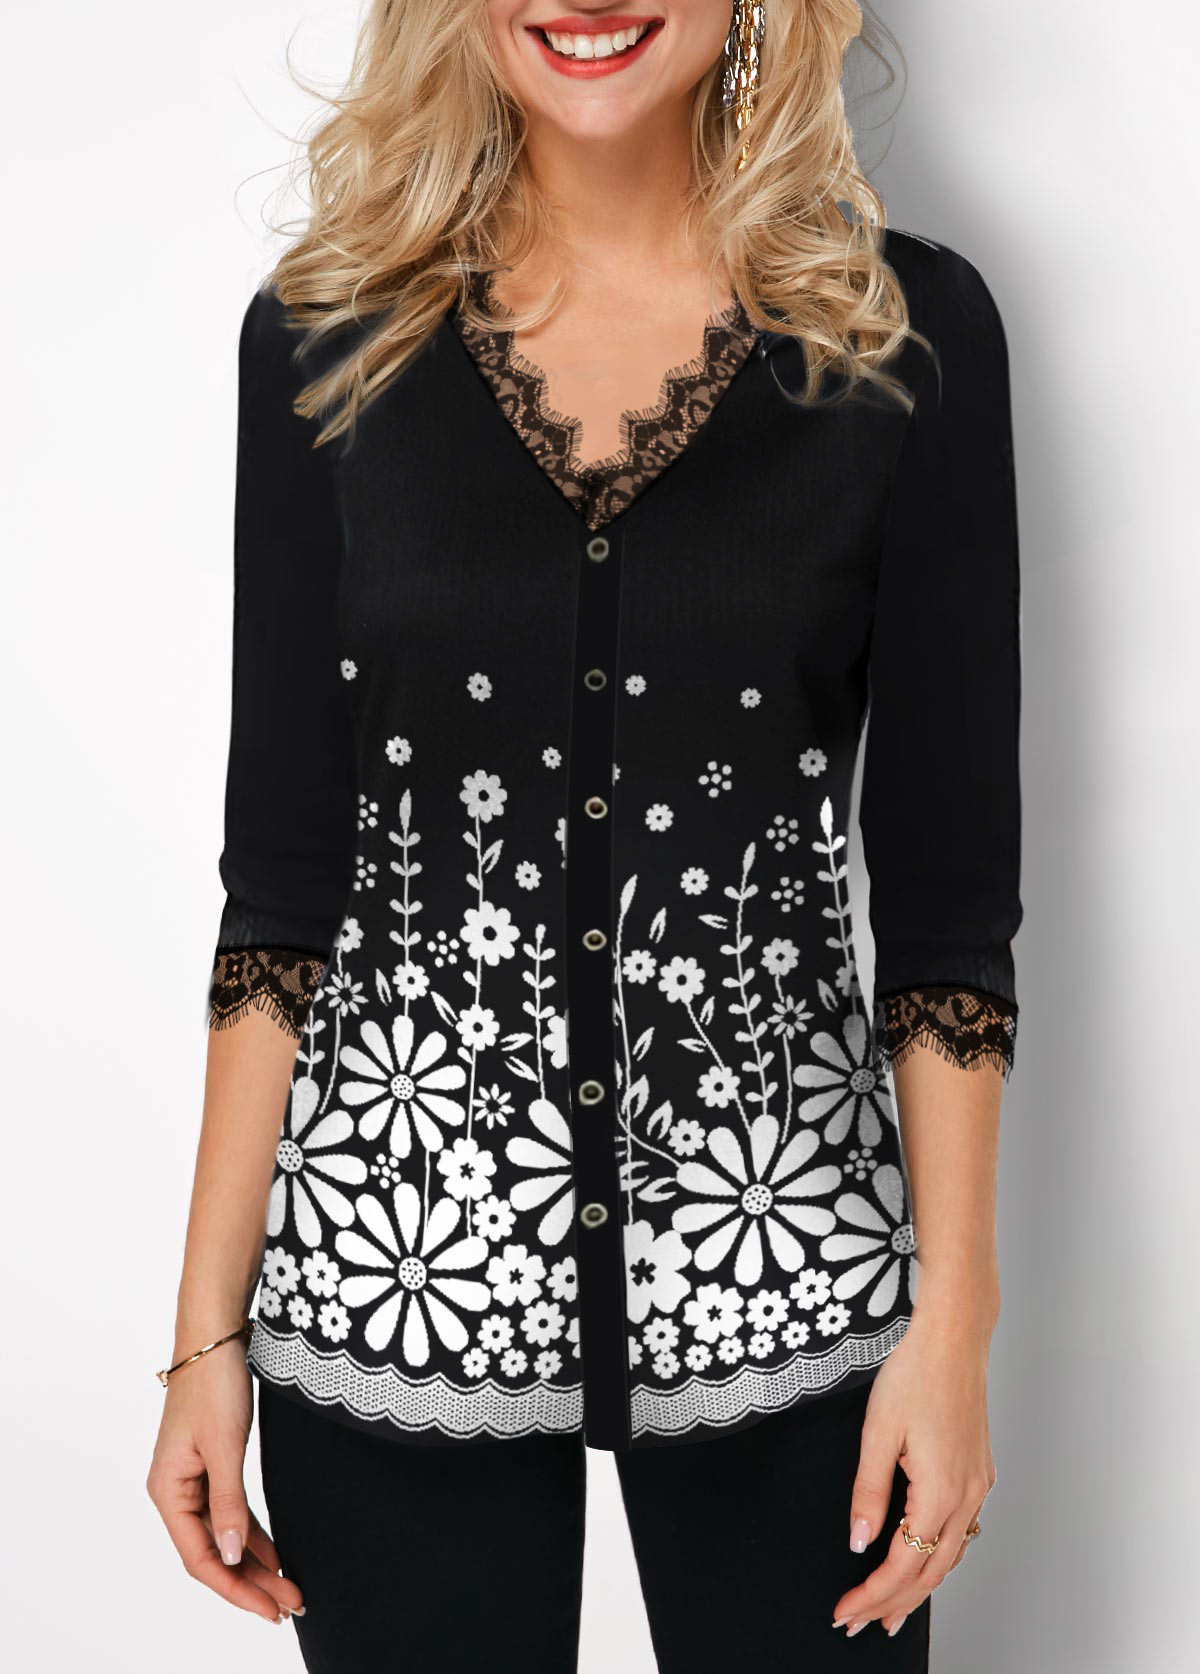 Lace Panel Floral Print Button Up T Shirt